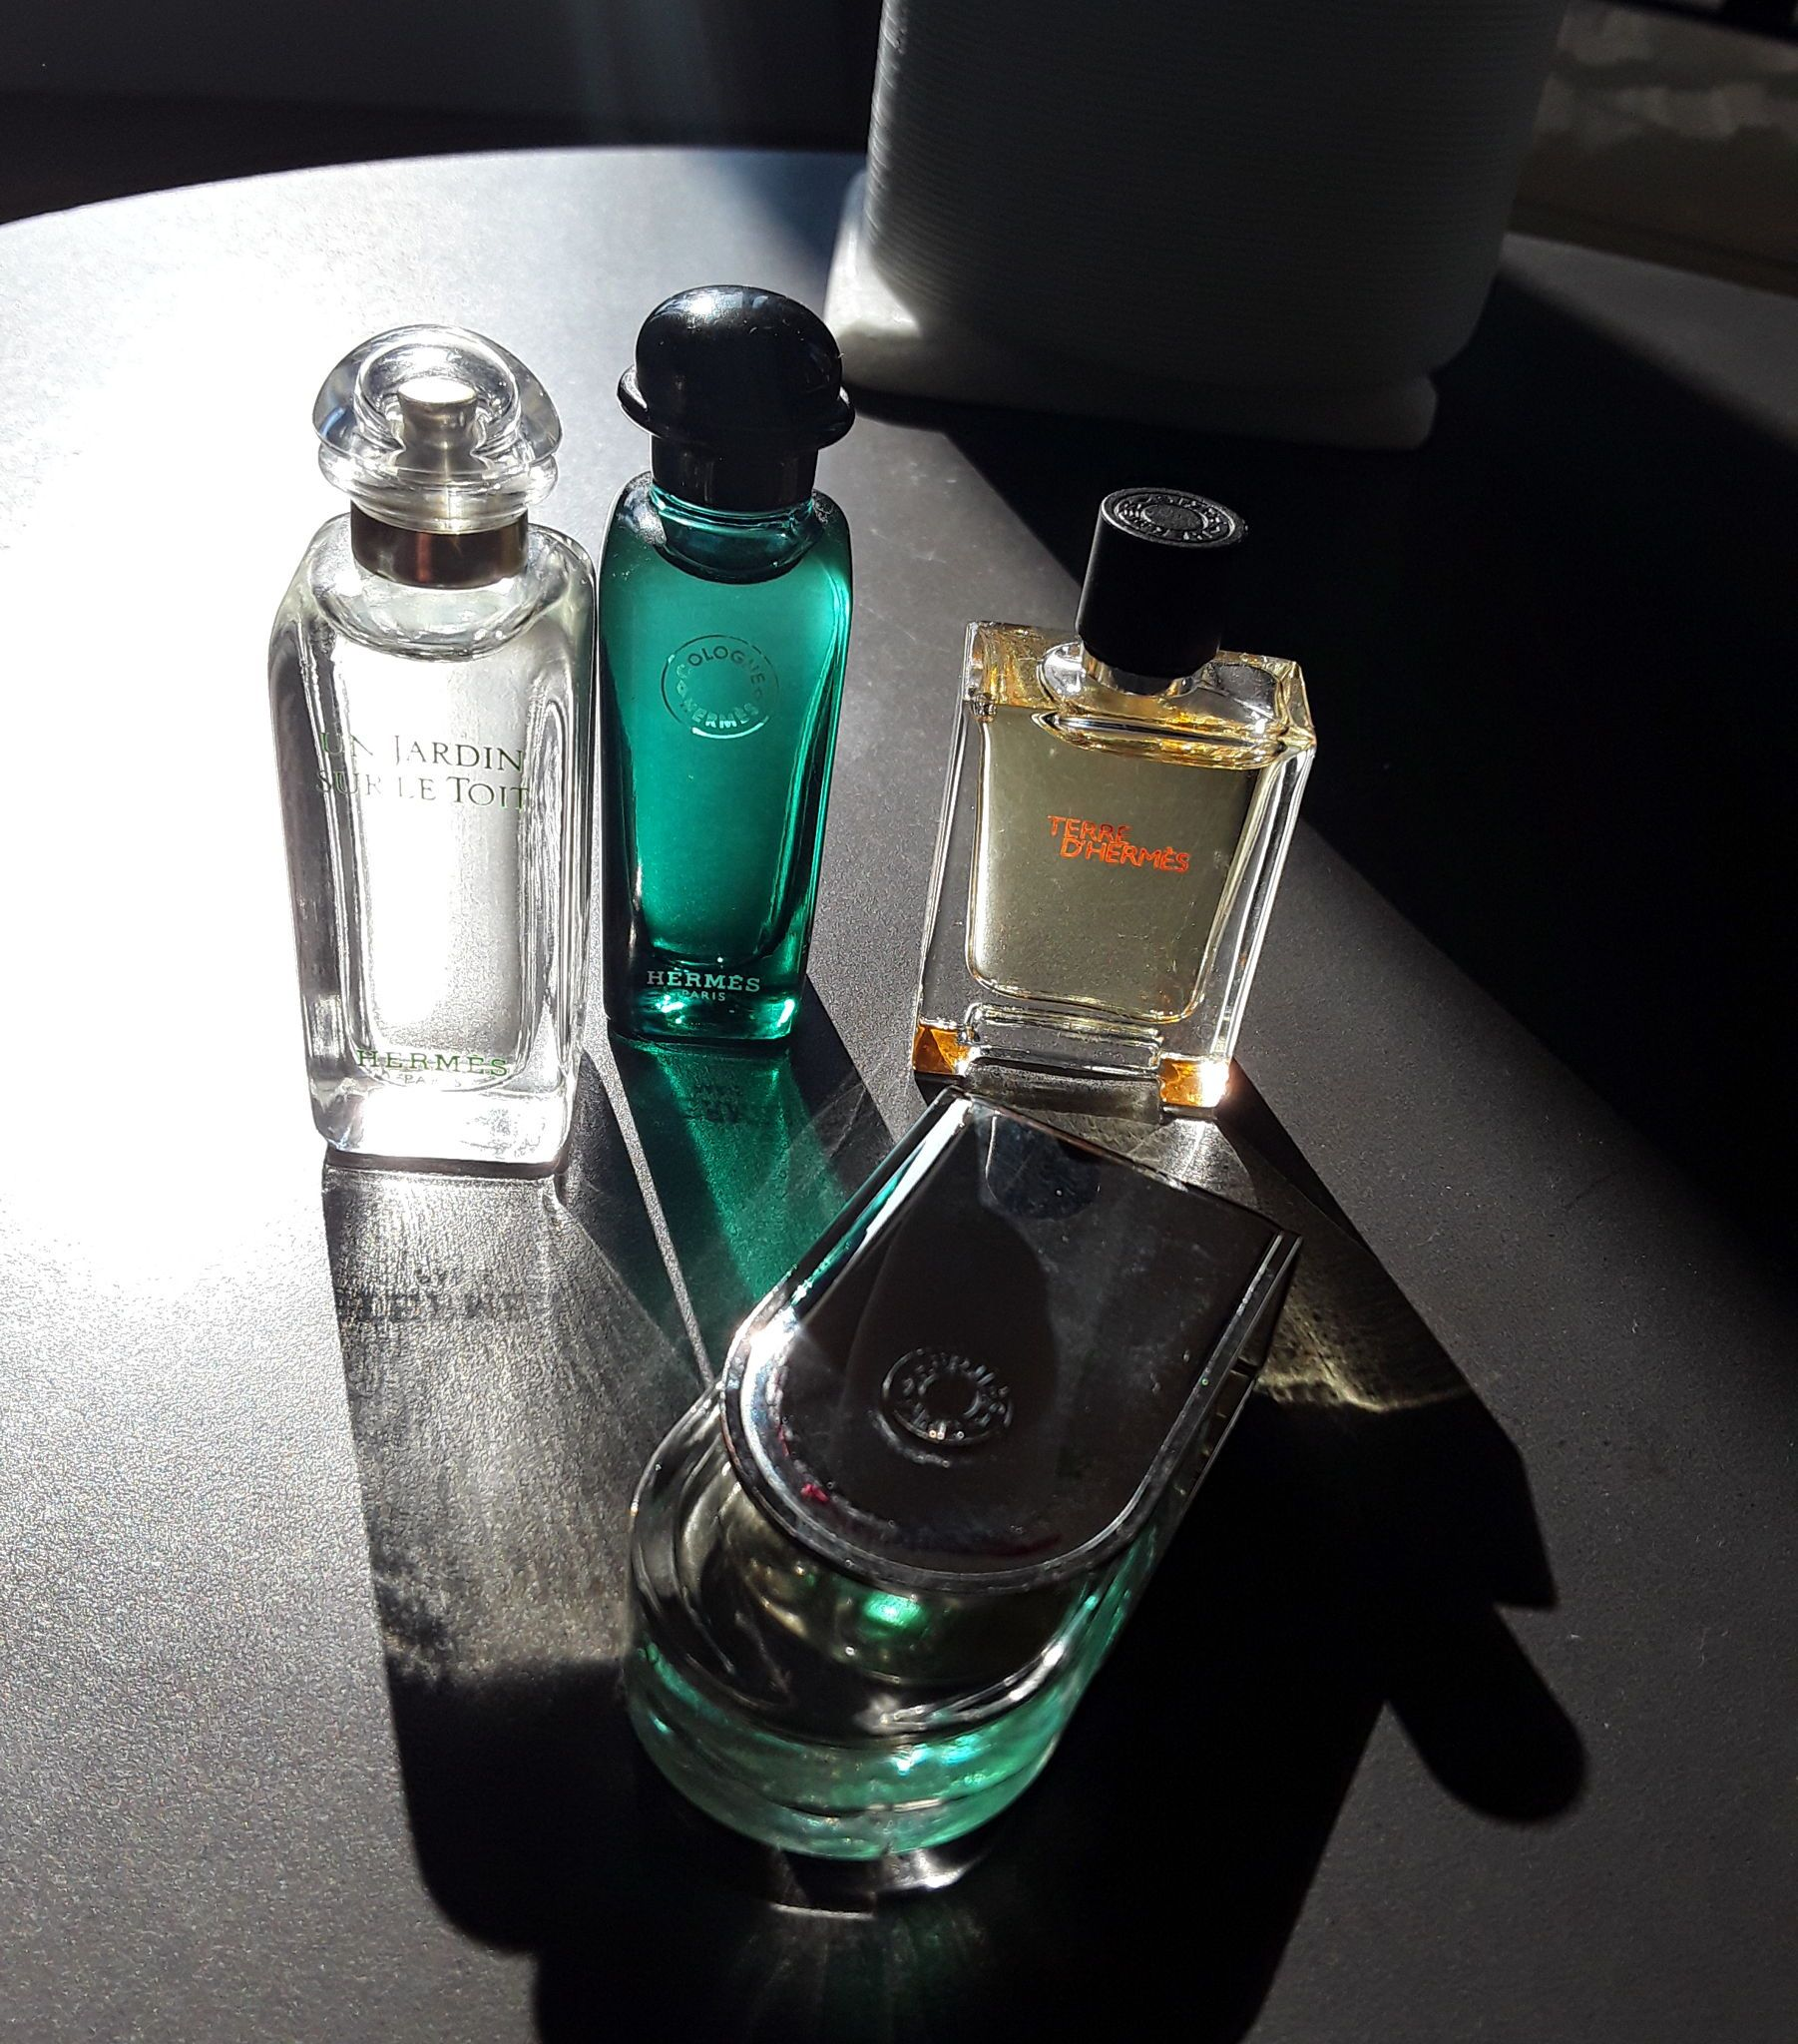 Vends 4miniatures parfums Hermès